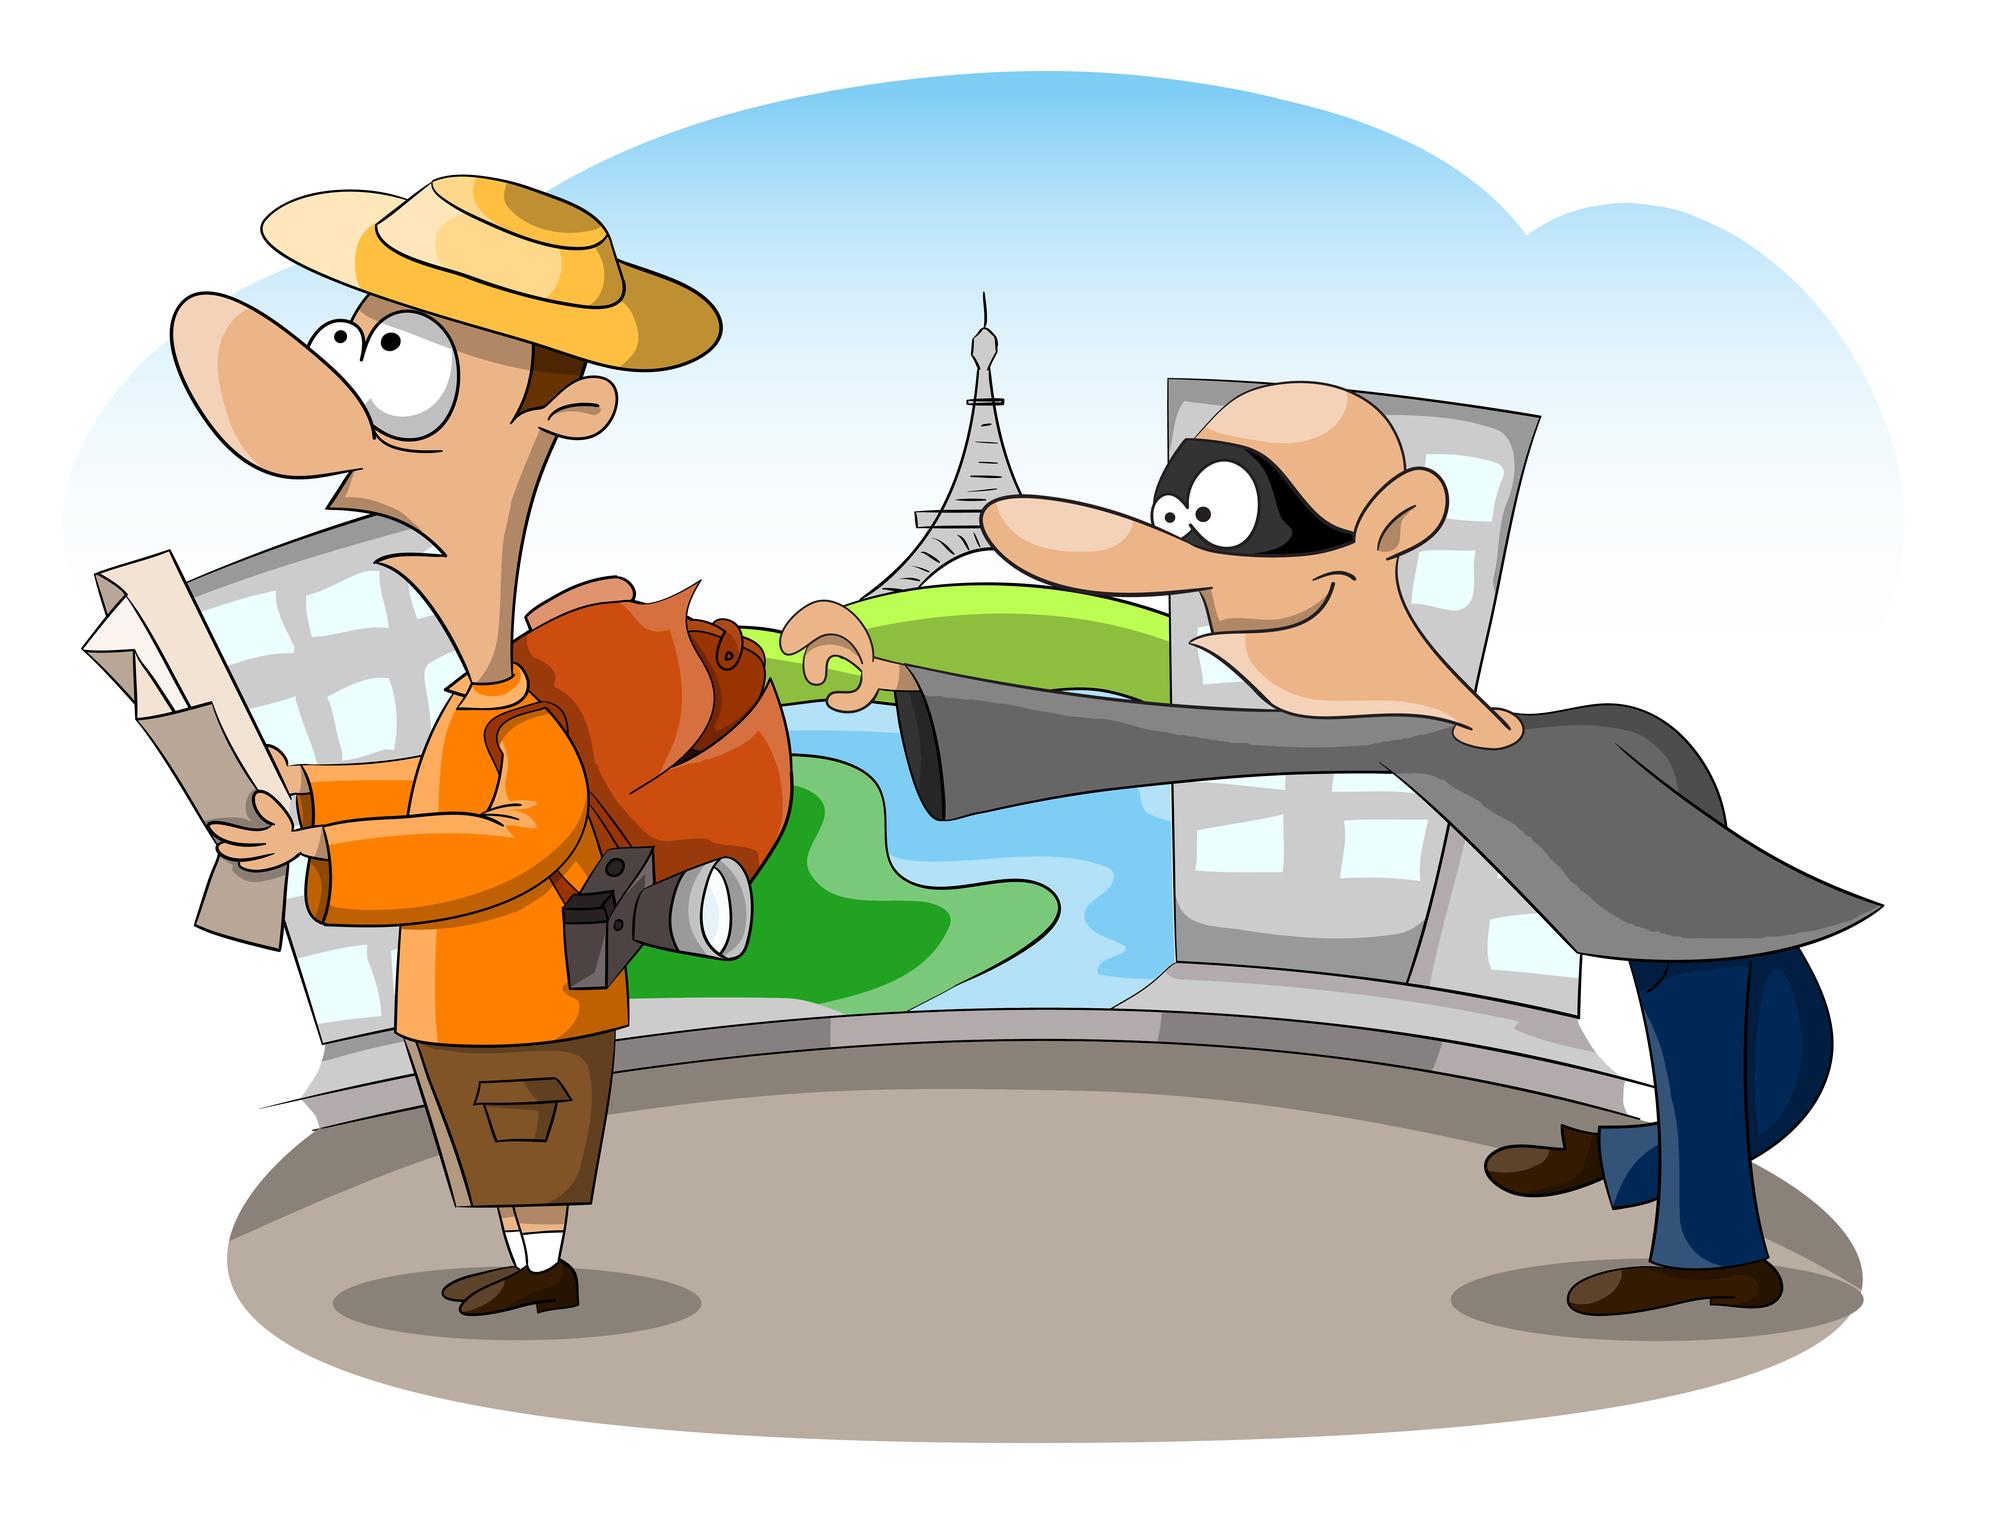 Os 5 golpes contra turistas mais comuns na Europa